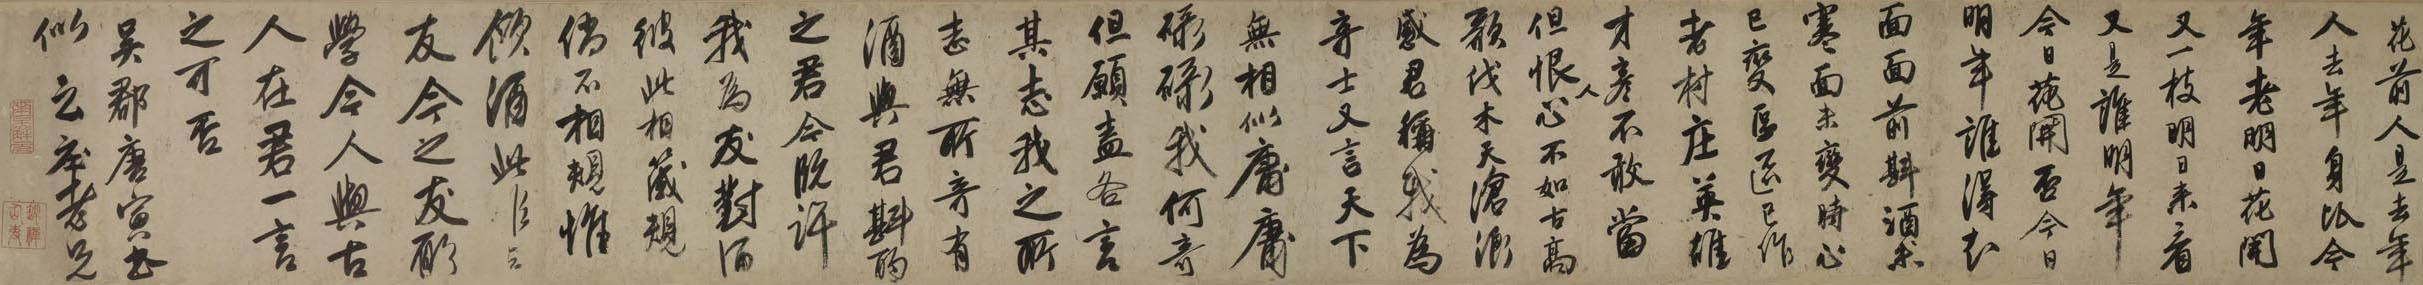 唐寅书法作品欣赏 - 老排长 - 老排长(6660409)